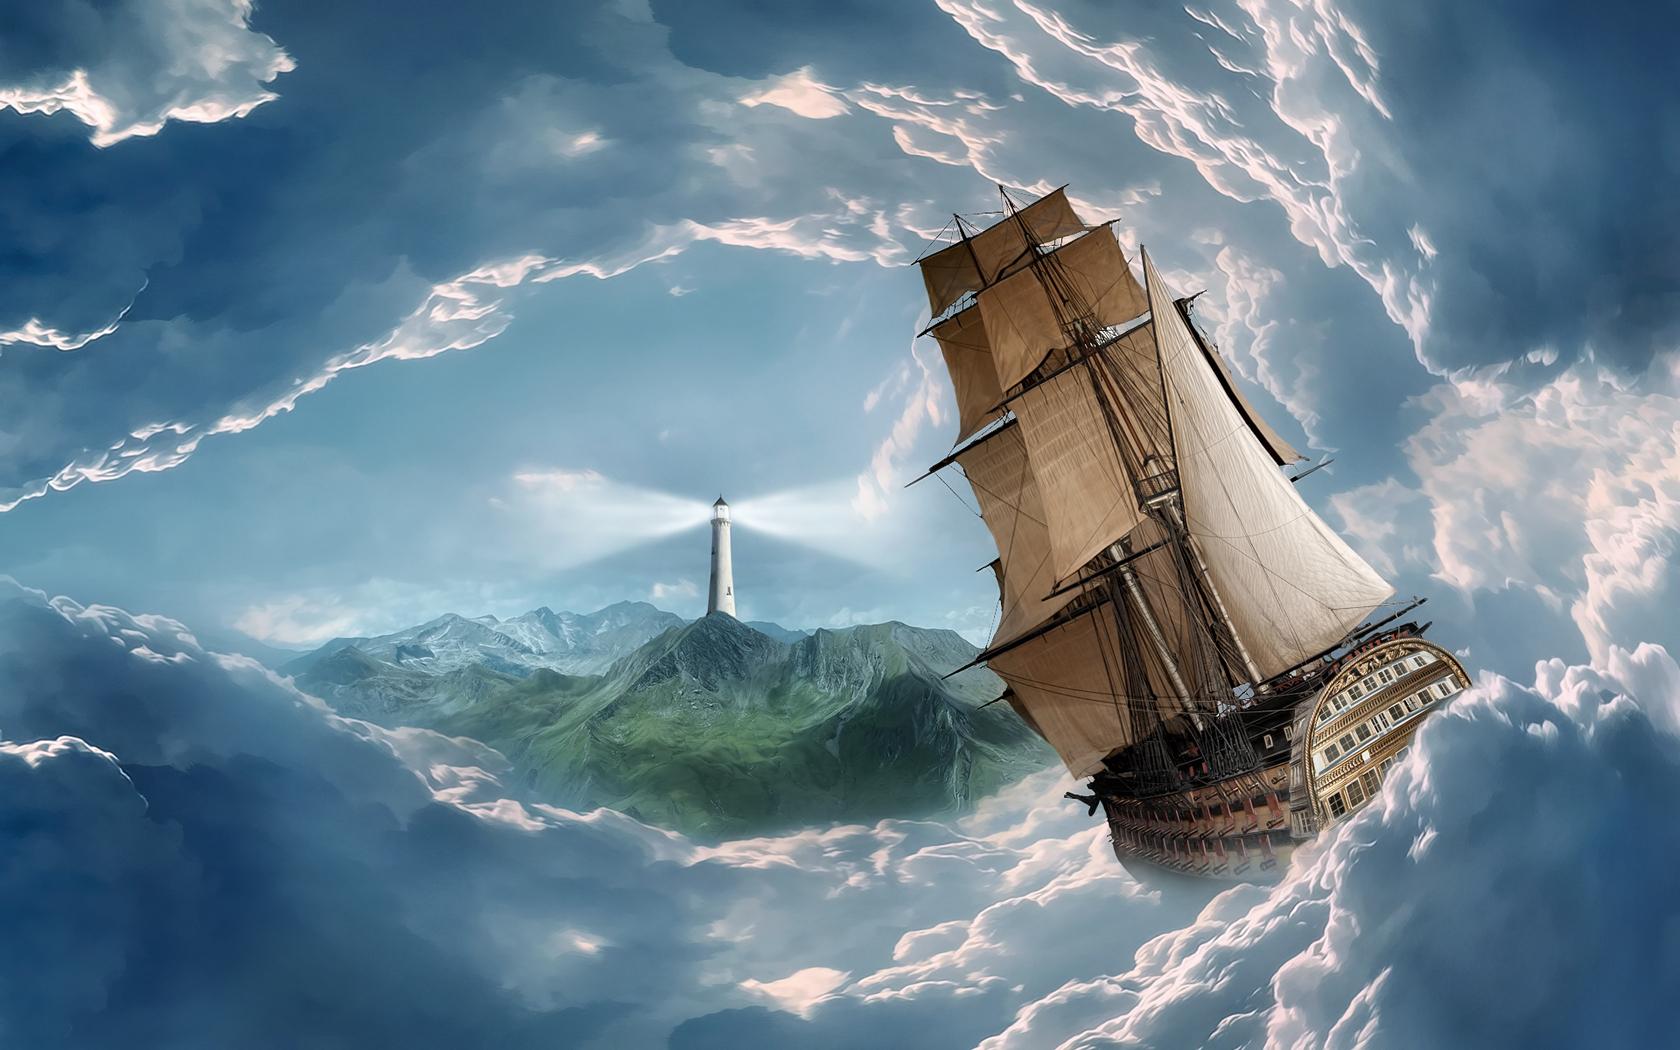 Фото парусных кораблей высокого разрешения